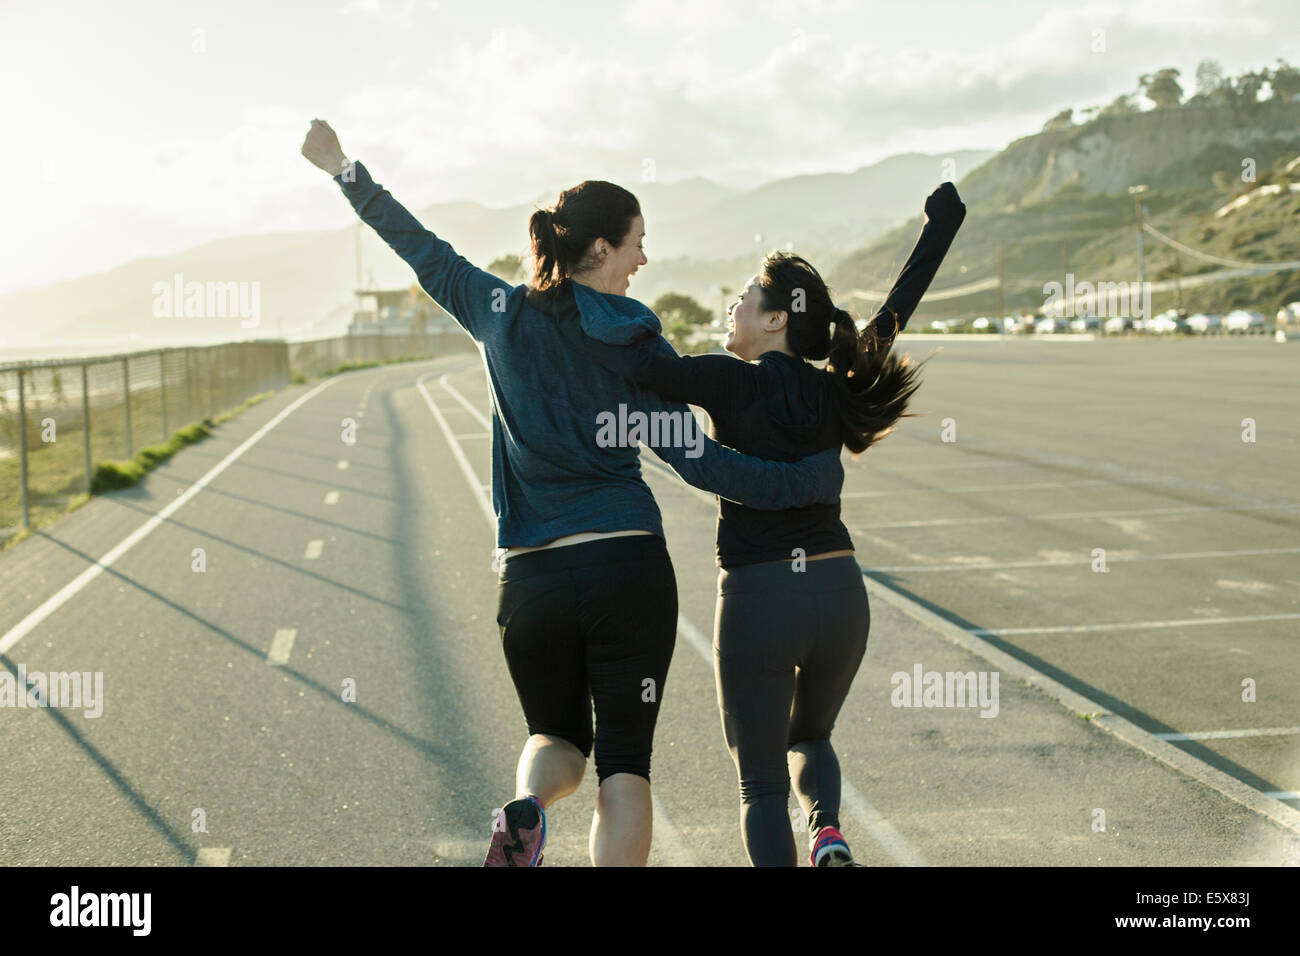 Los deportistas aplaudiendo en la carretera Imagen De Stock